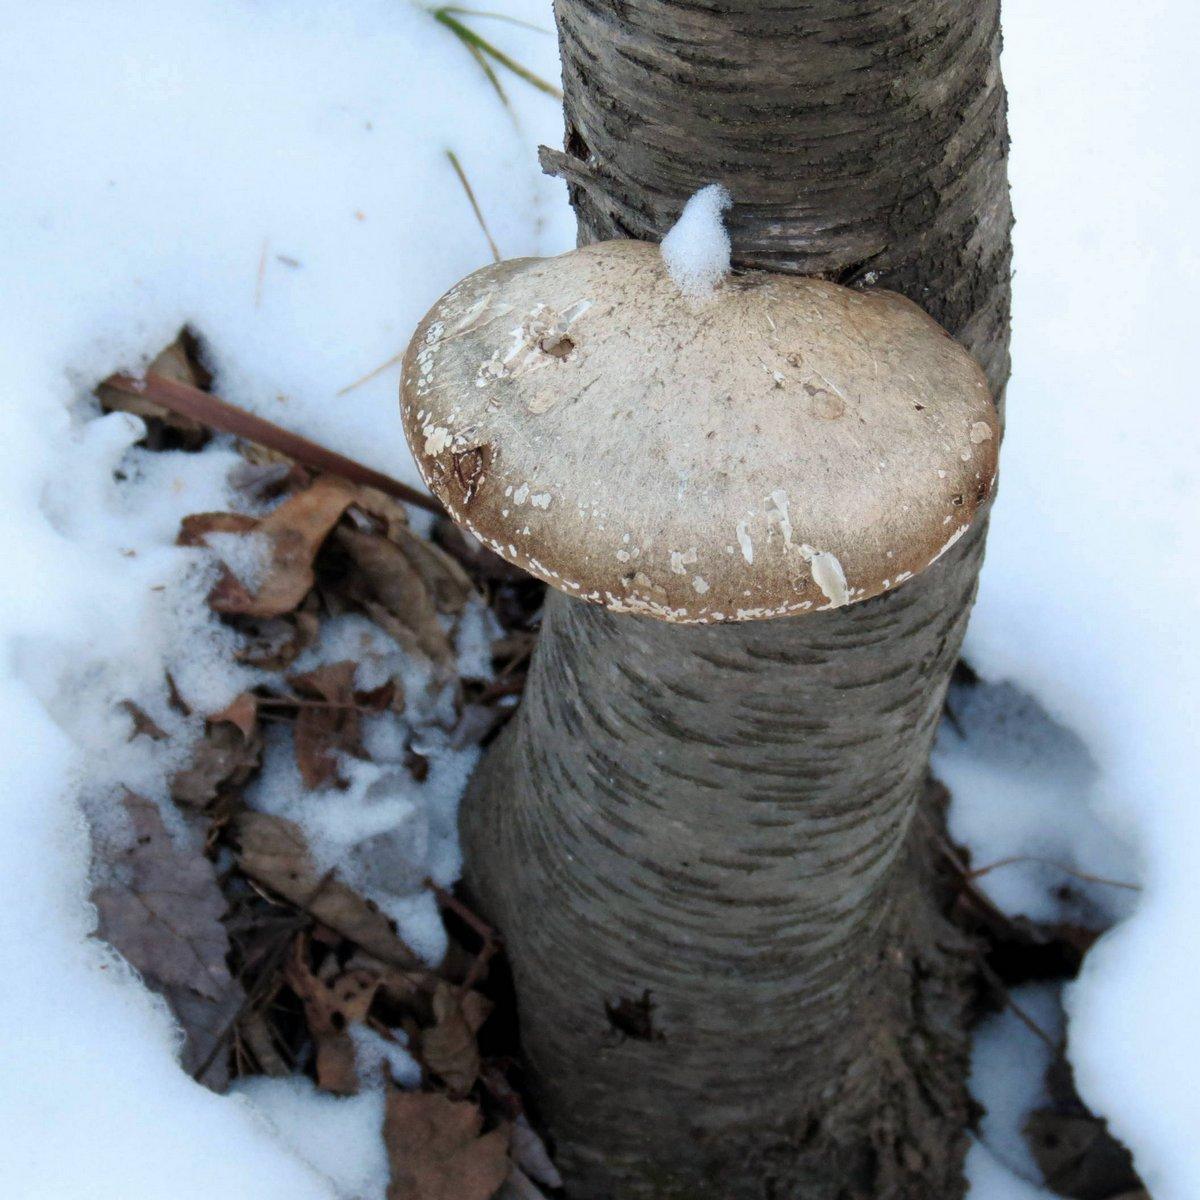 8. Birch Polypore